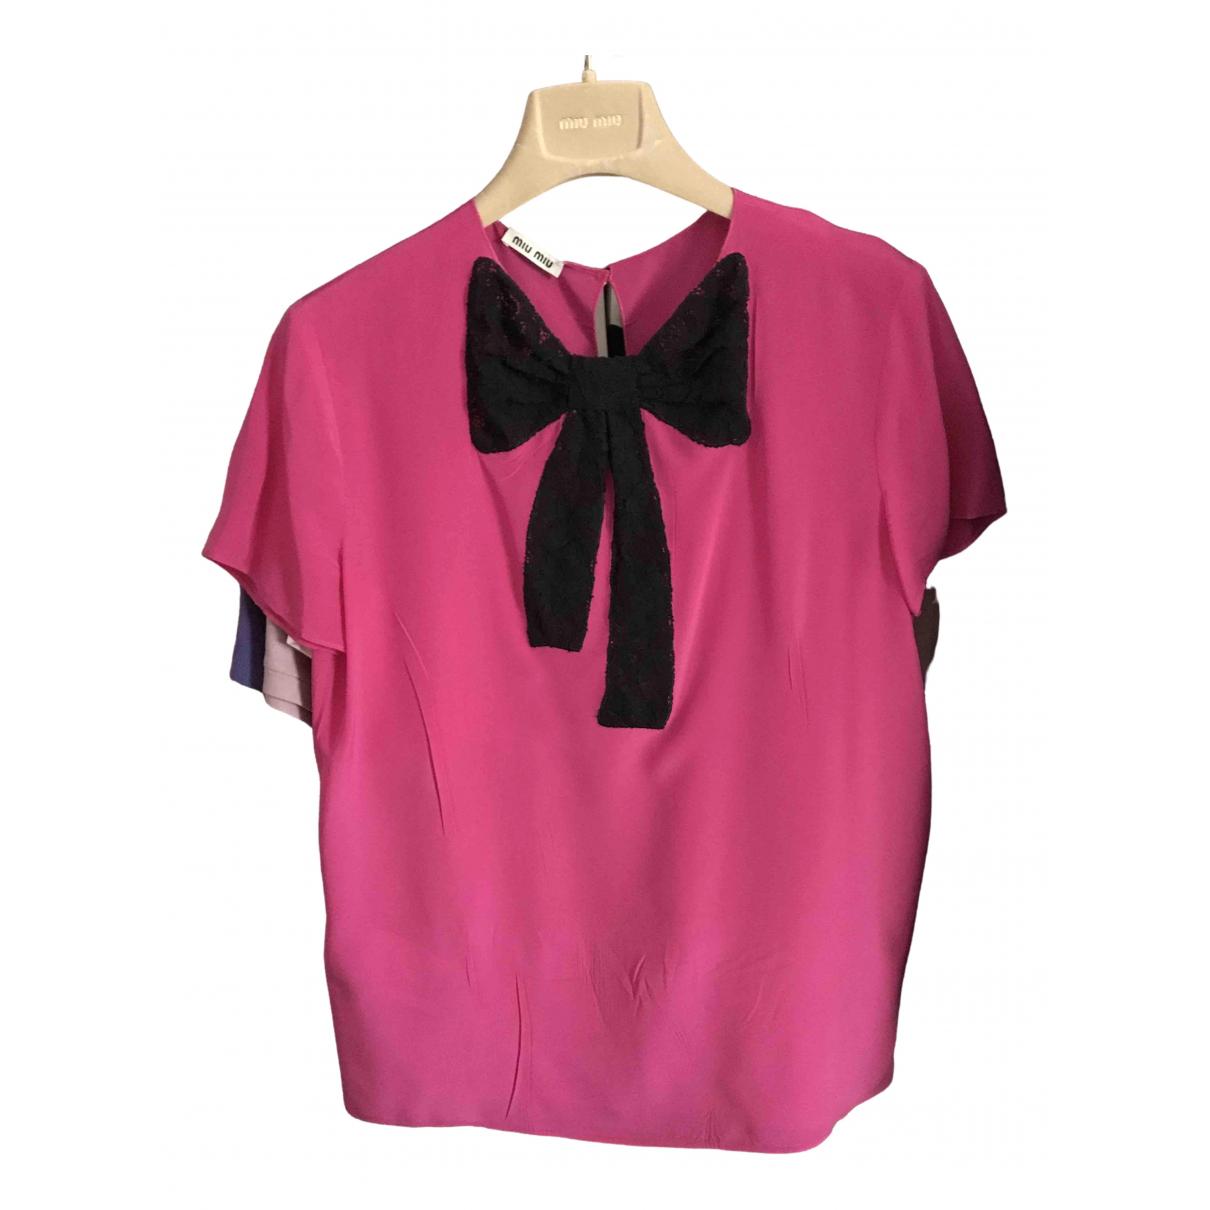 Miu Miu - Top   pour femme en soie - rose